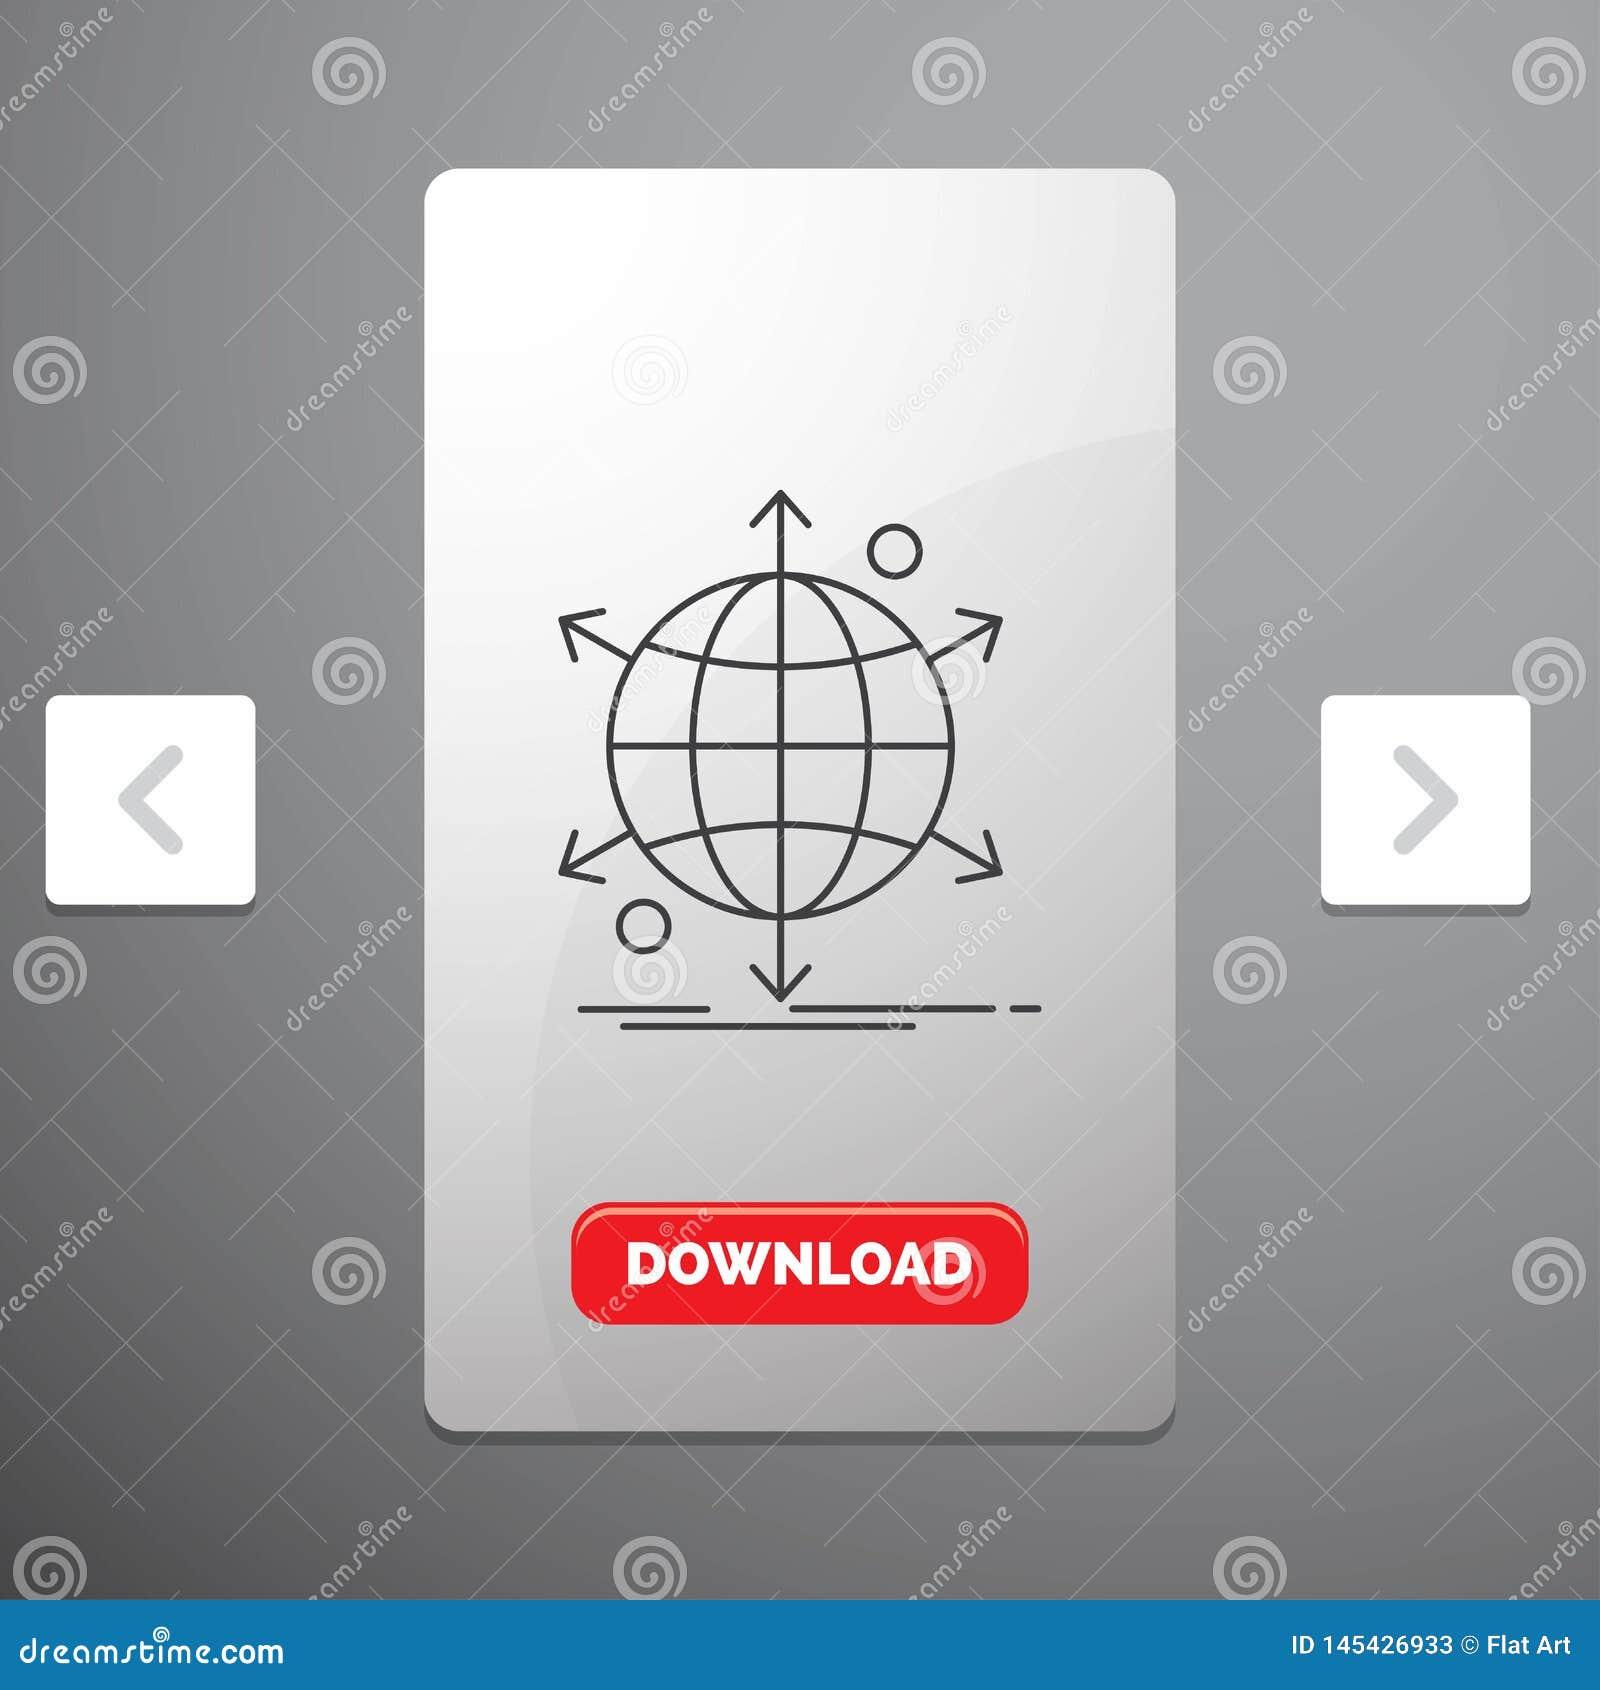 Negocio, internacional, neto, red, línea icono de la web en diseño del resbalador de las paginaciones de la orgía y botón rojo de